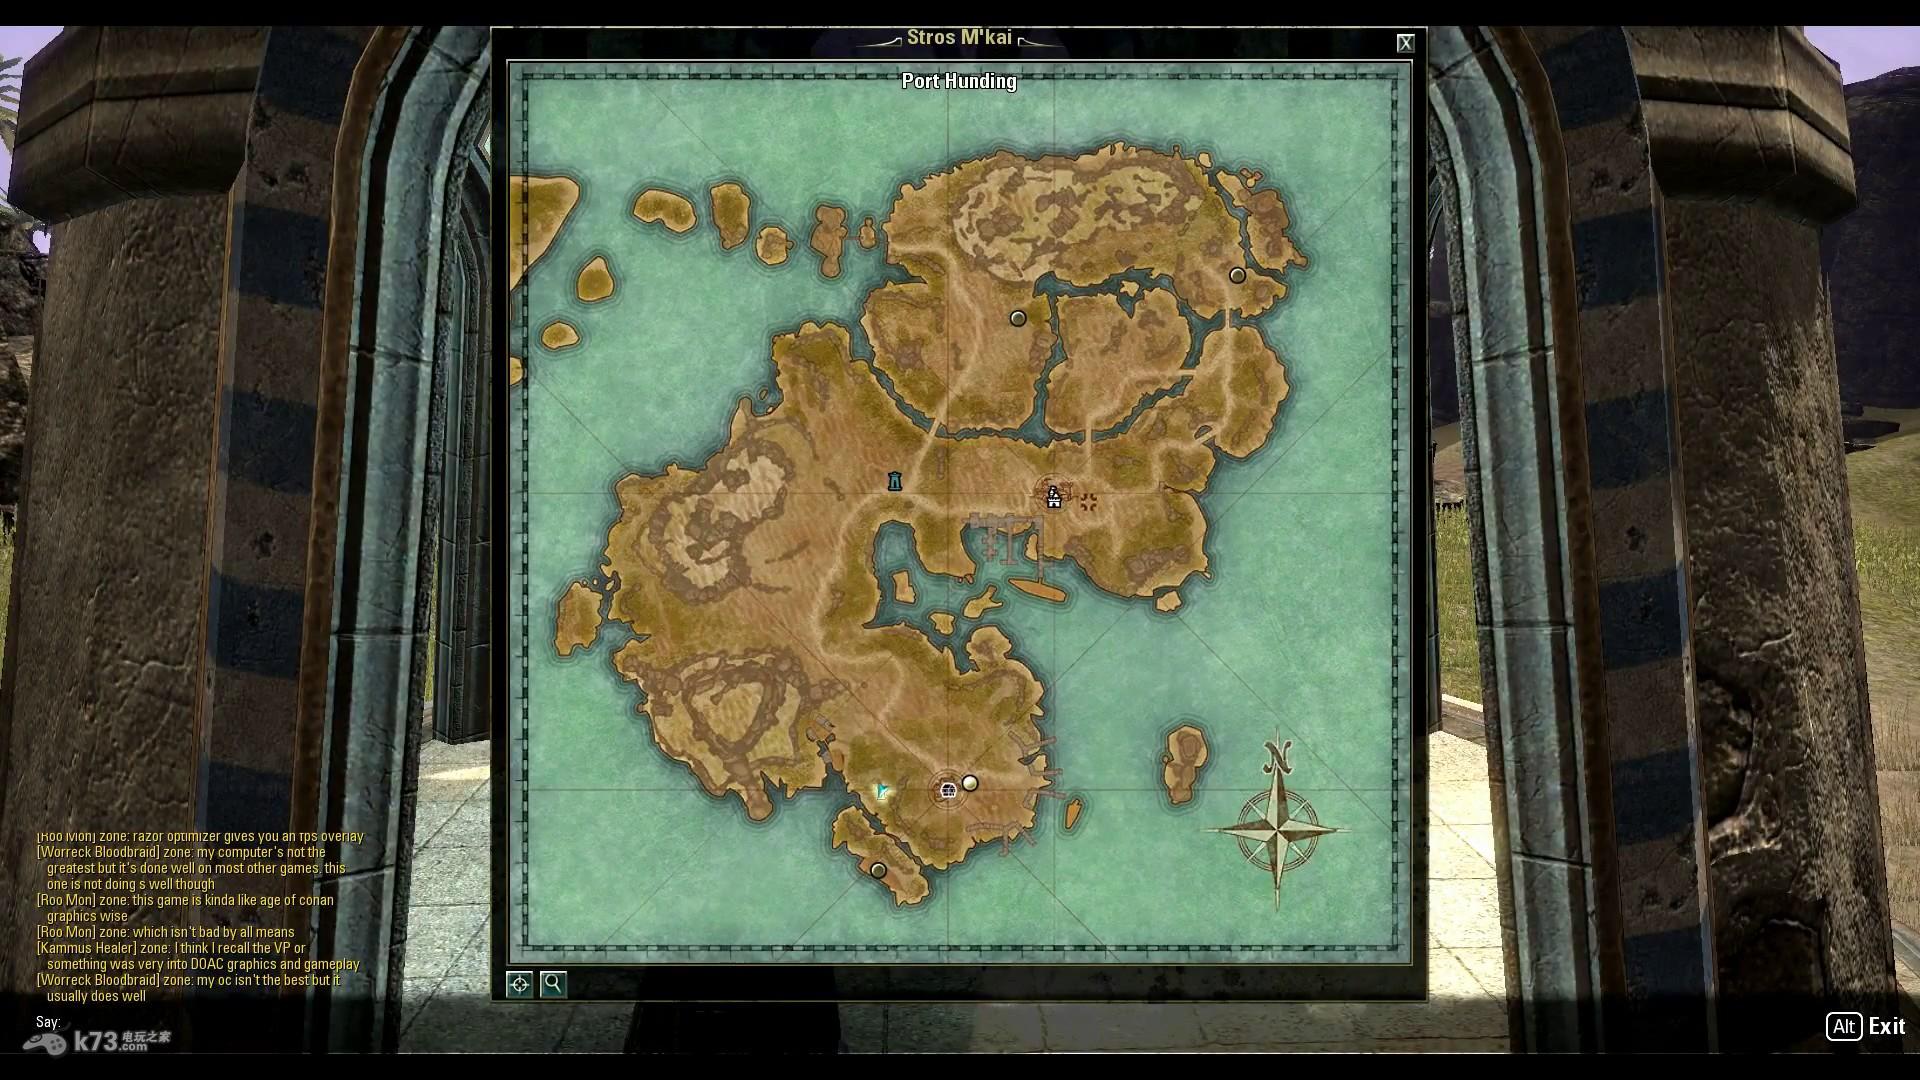 《上古卷轴ol》大地图旅行截图